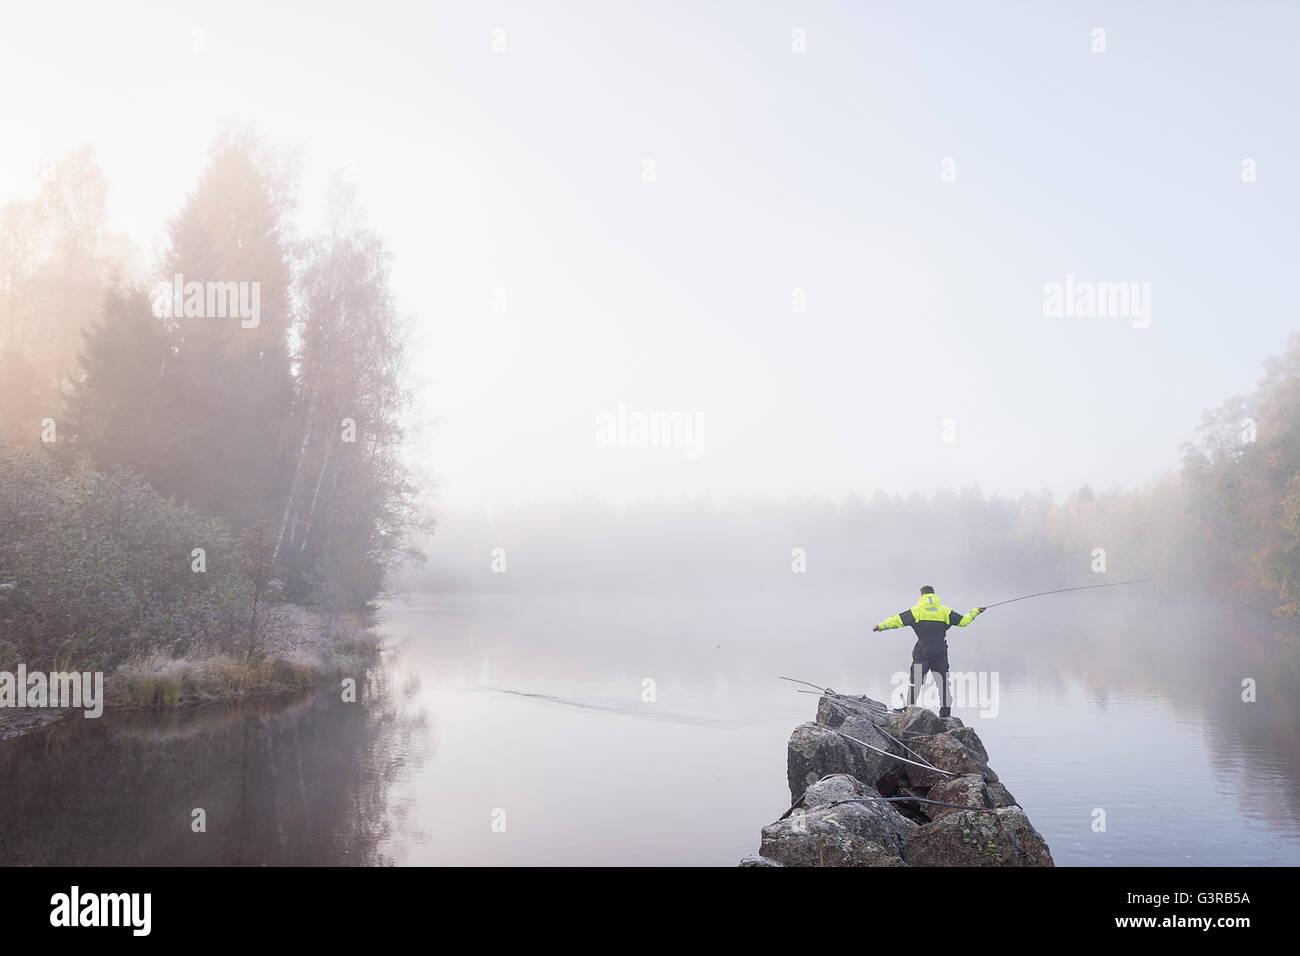 La Suède, Vastmanland, Bergslagen, Torrvarpen, jeune homme la pêche dans le lac on foggy day Photo Stock